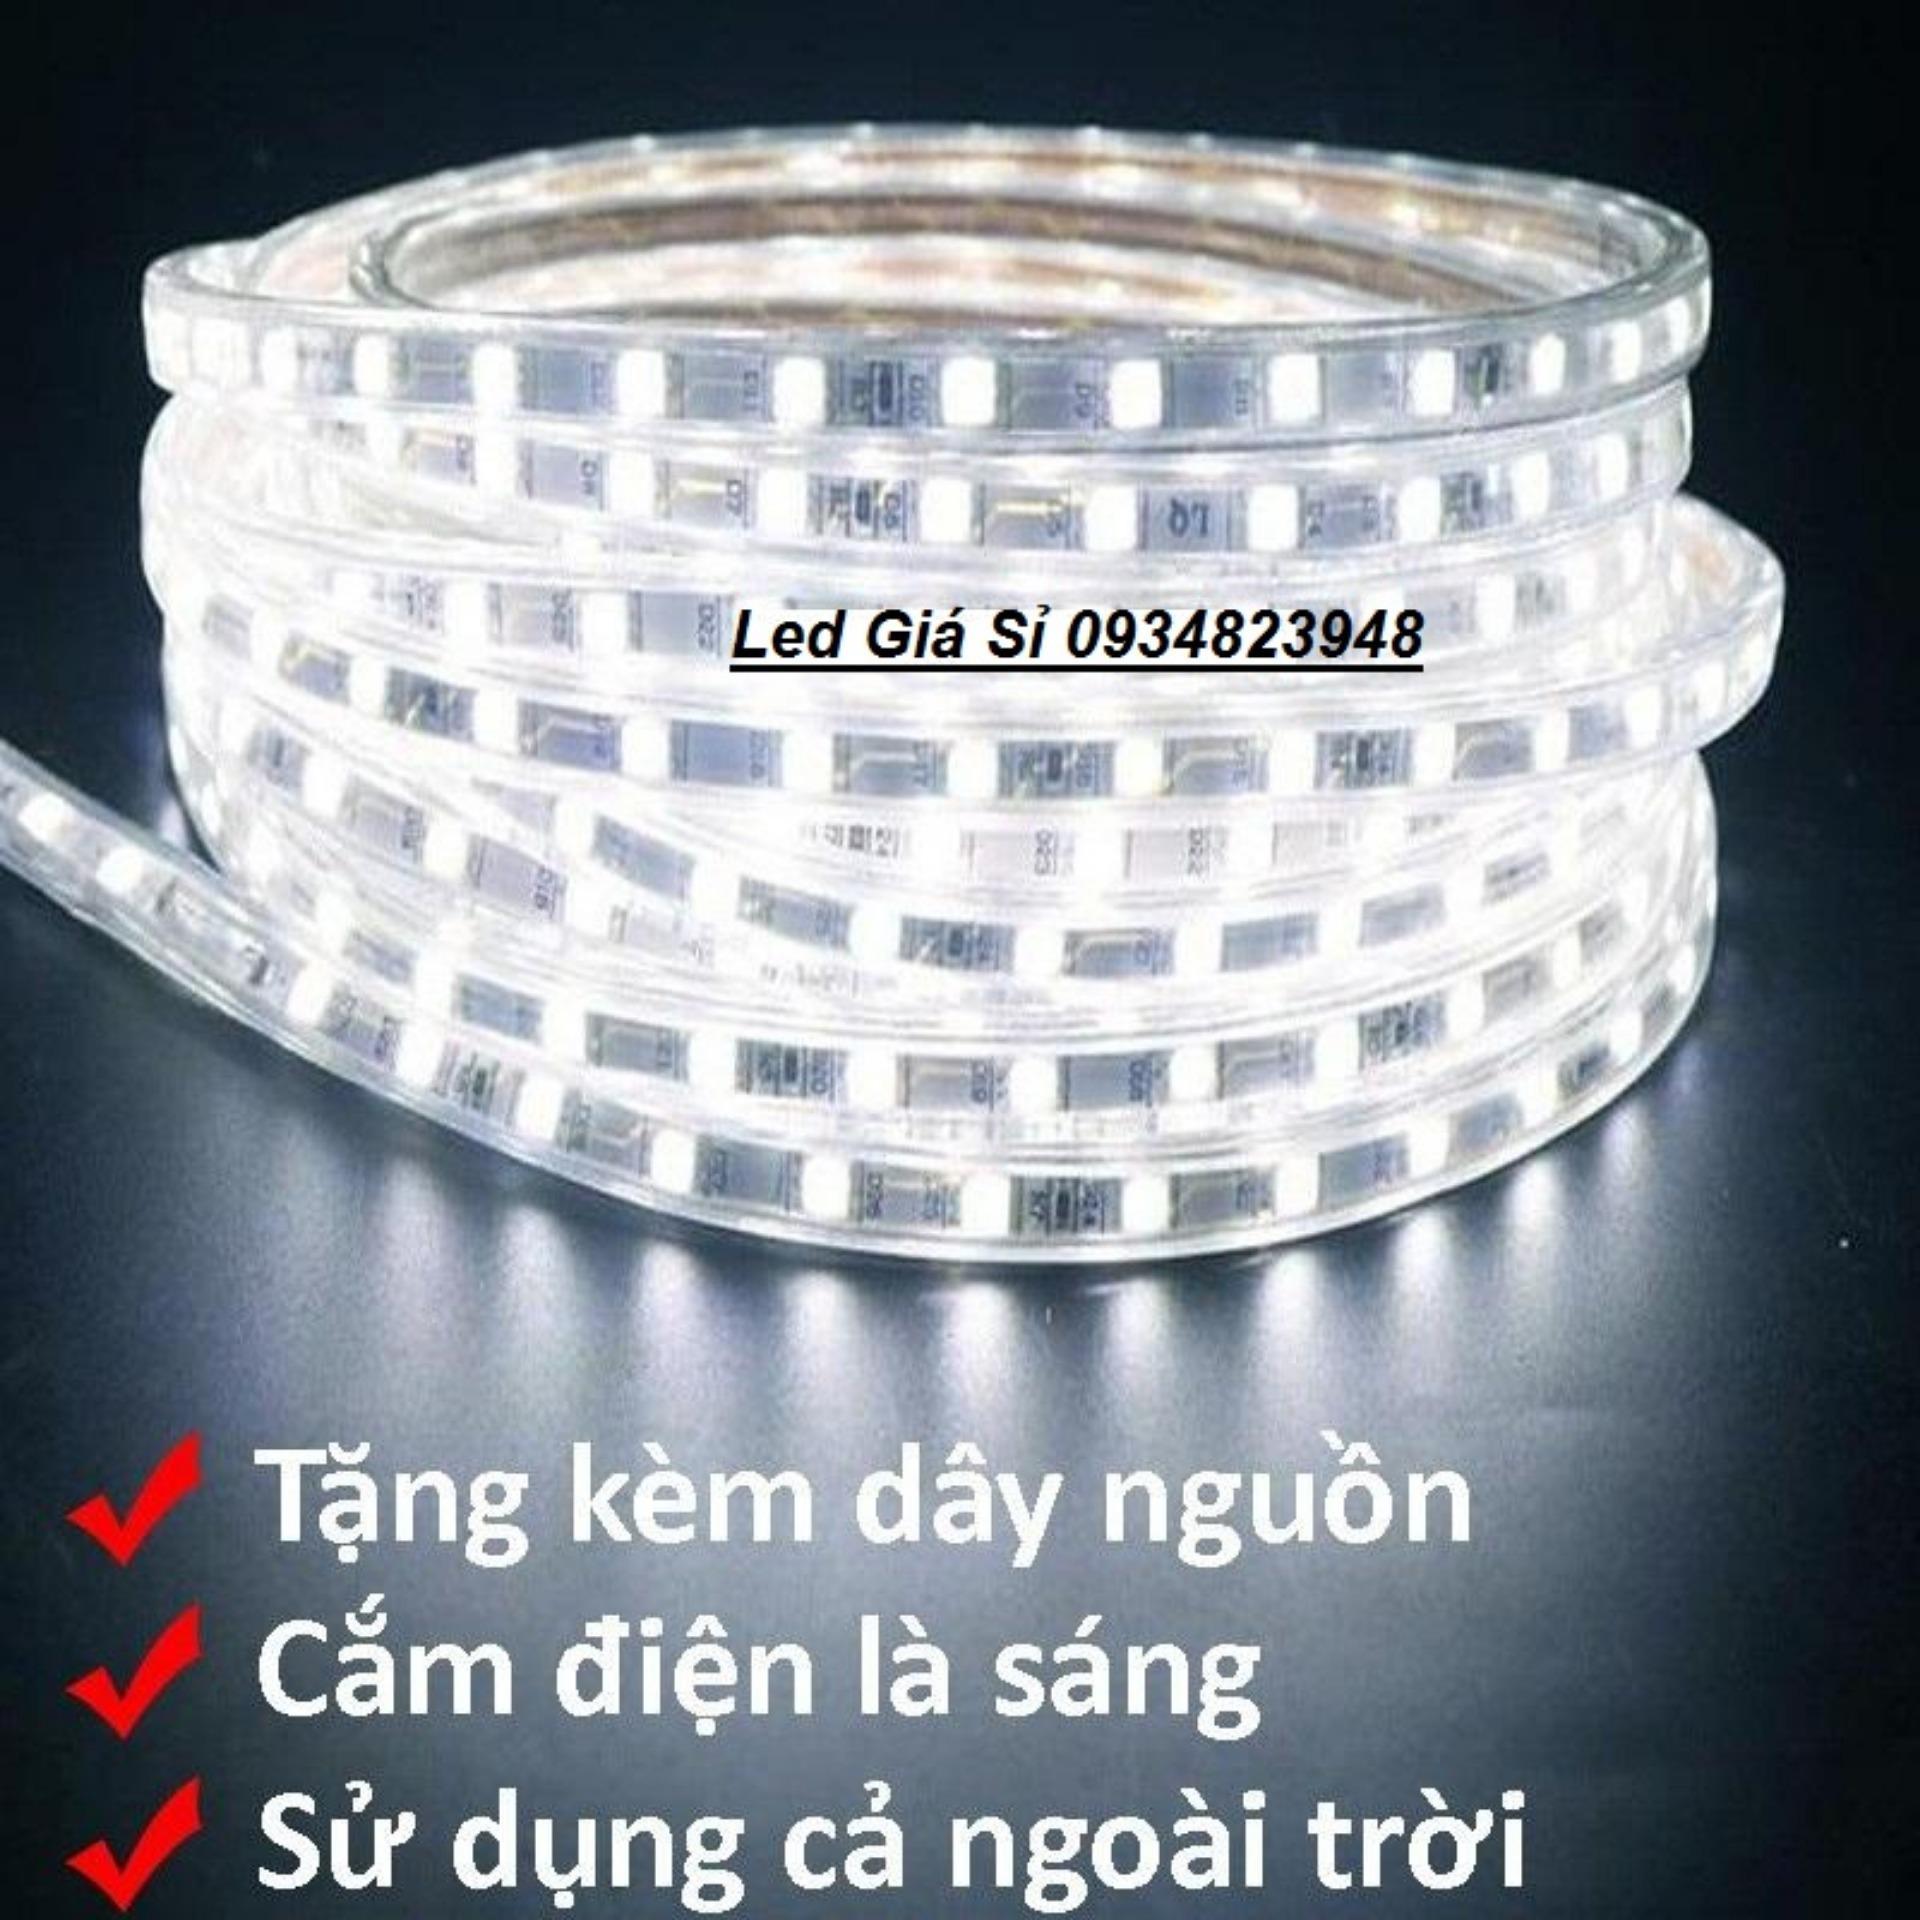 Đèn LED dây 5050 5M ống nhựa 220v tặng kèm 1 dây nguồn tốt